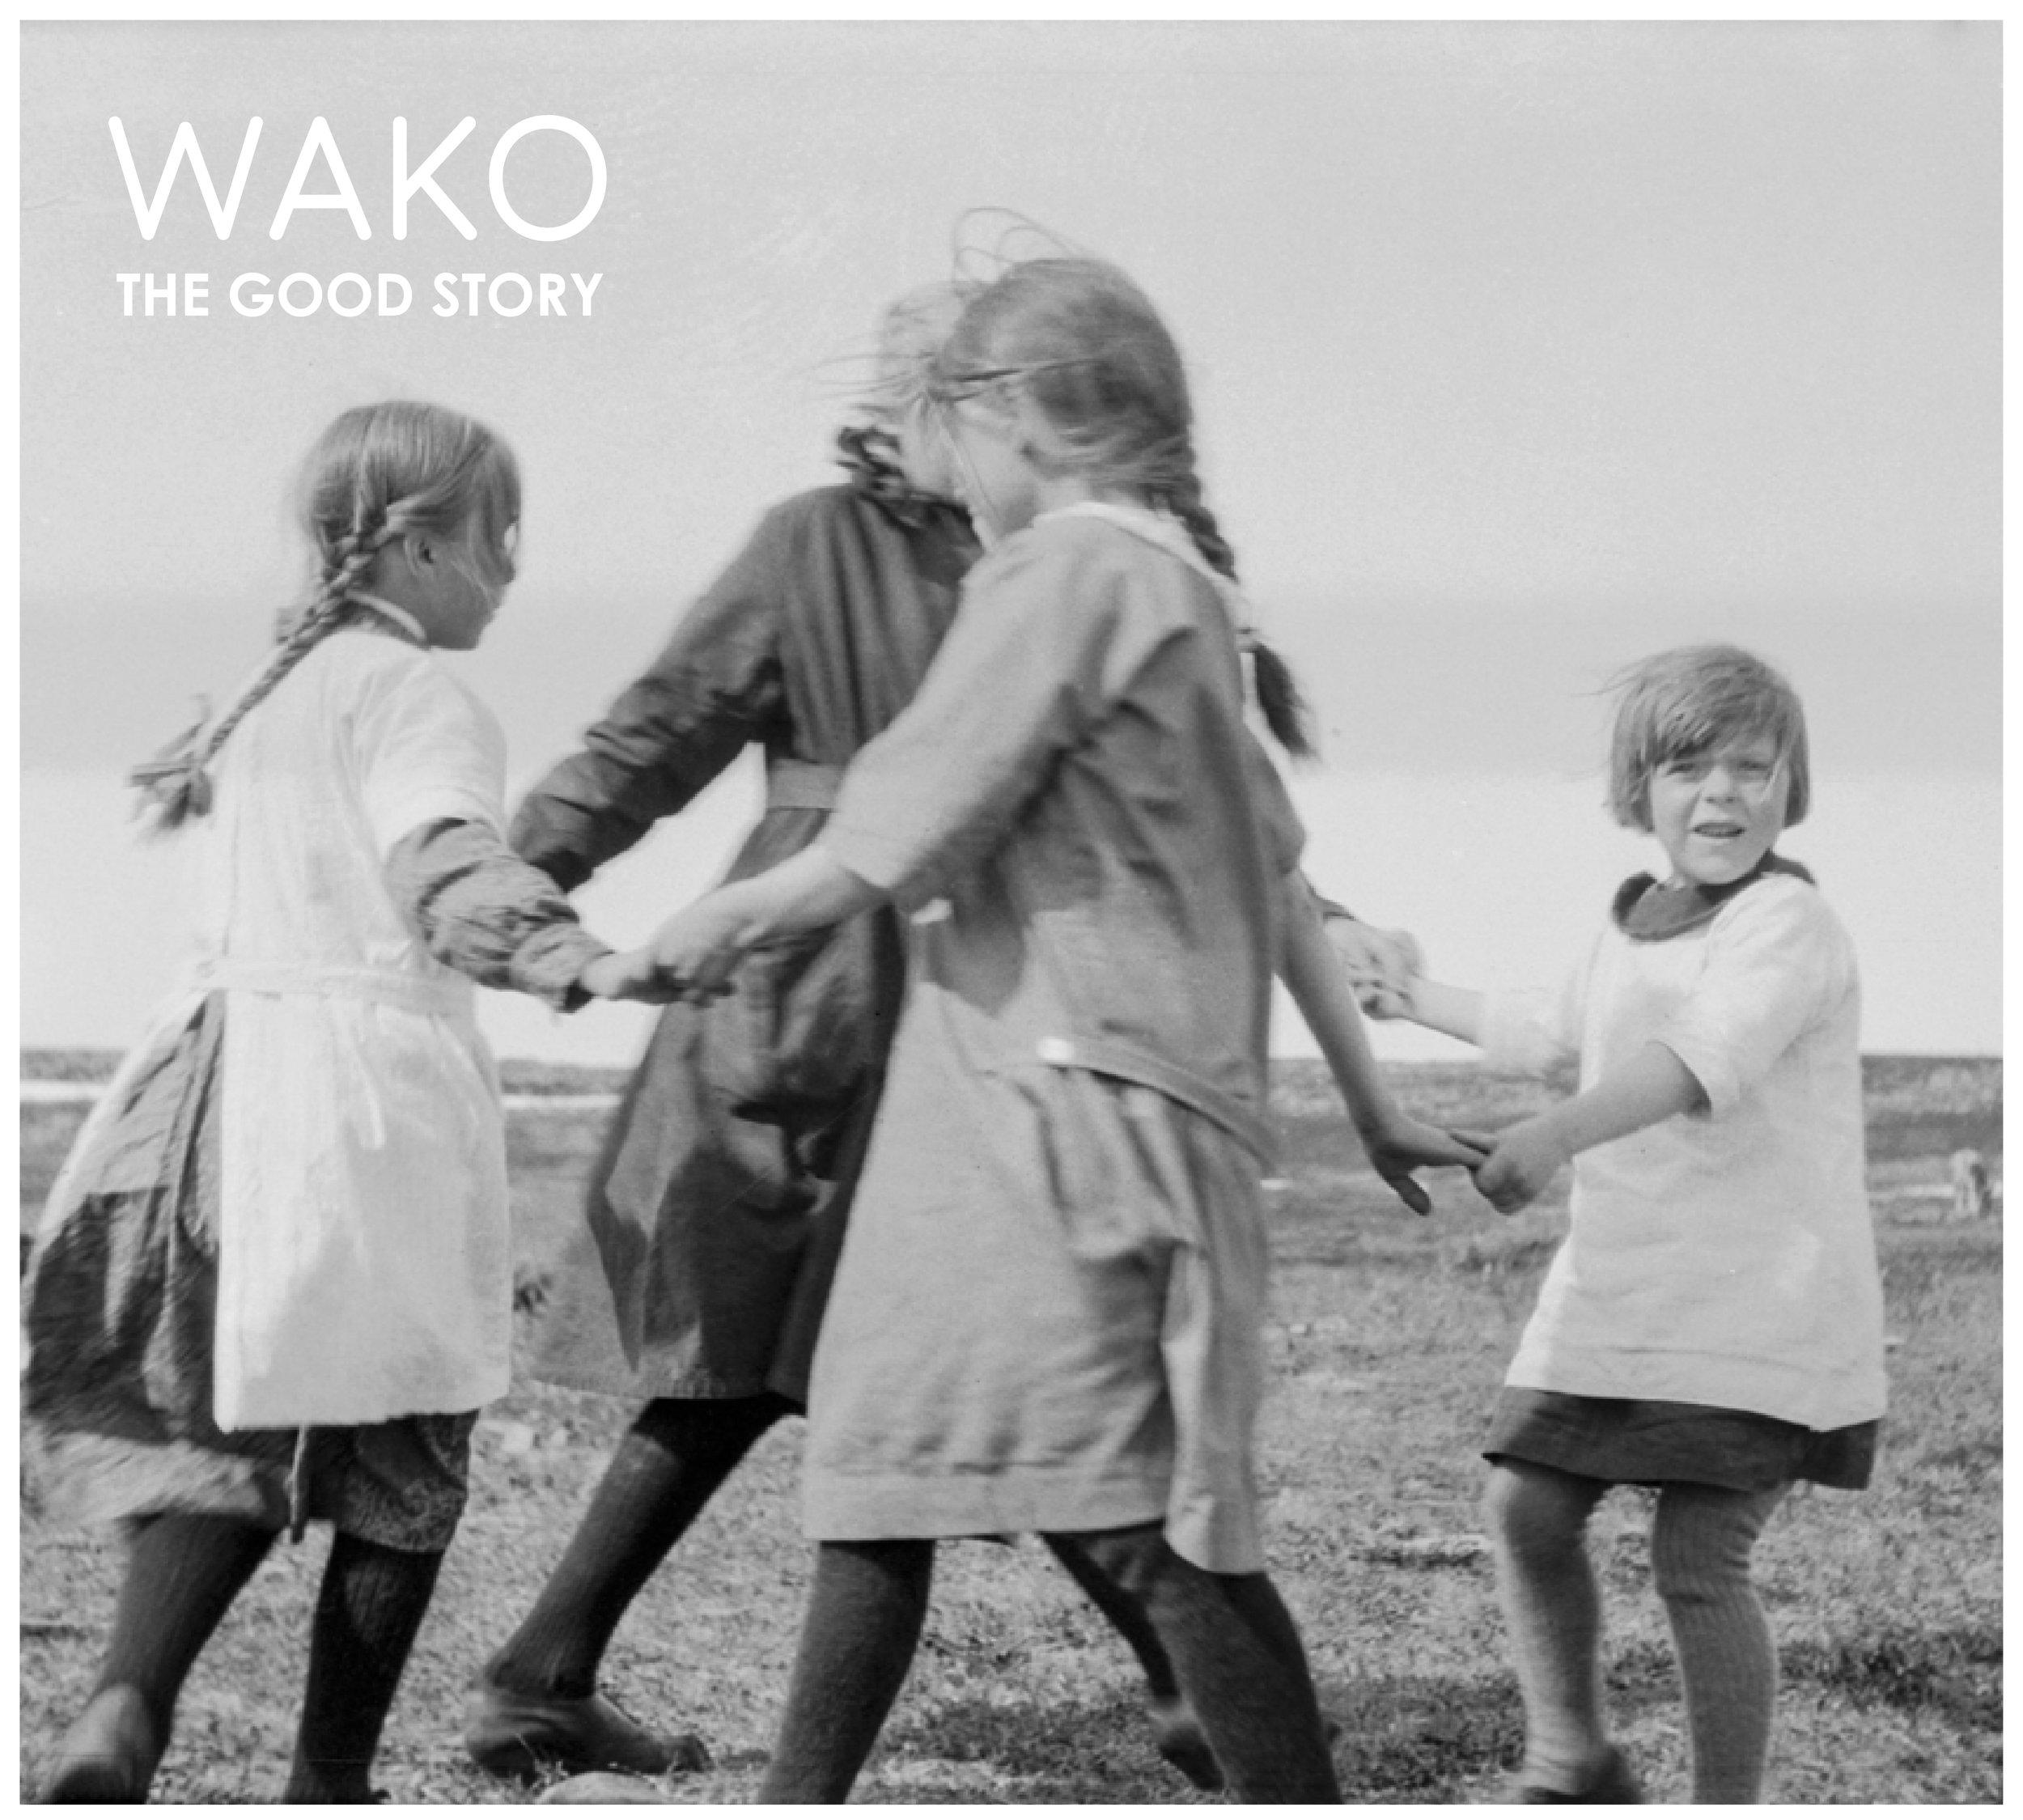 Wako - The Good Story